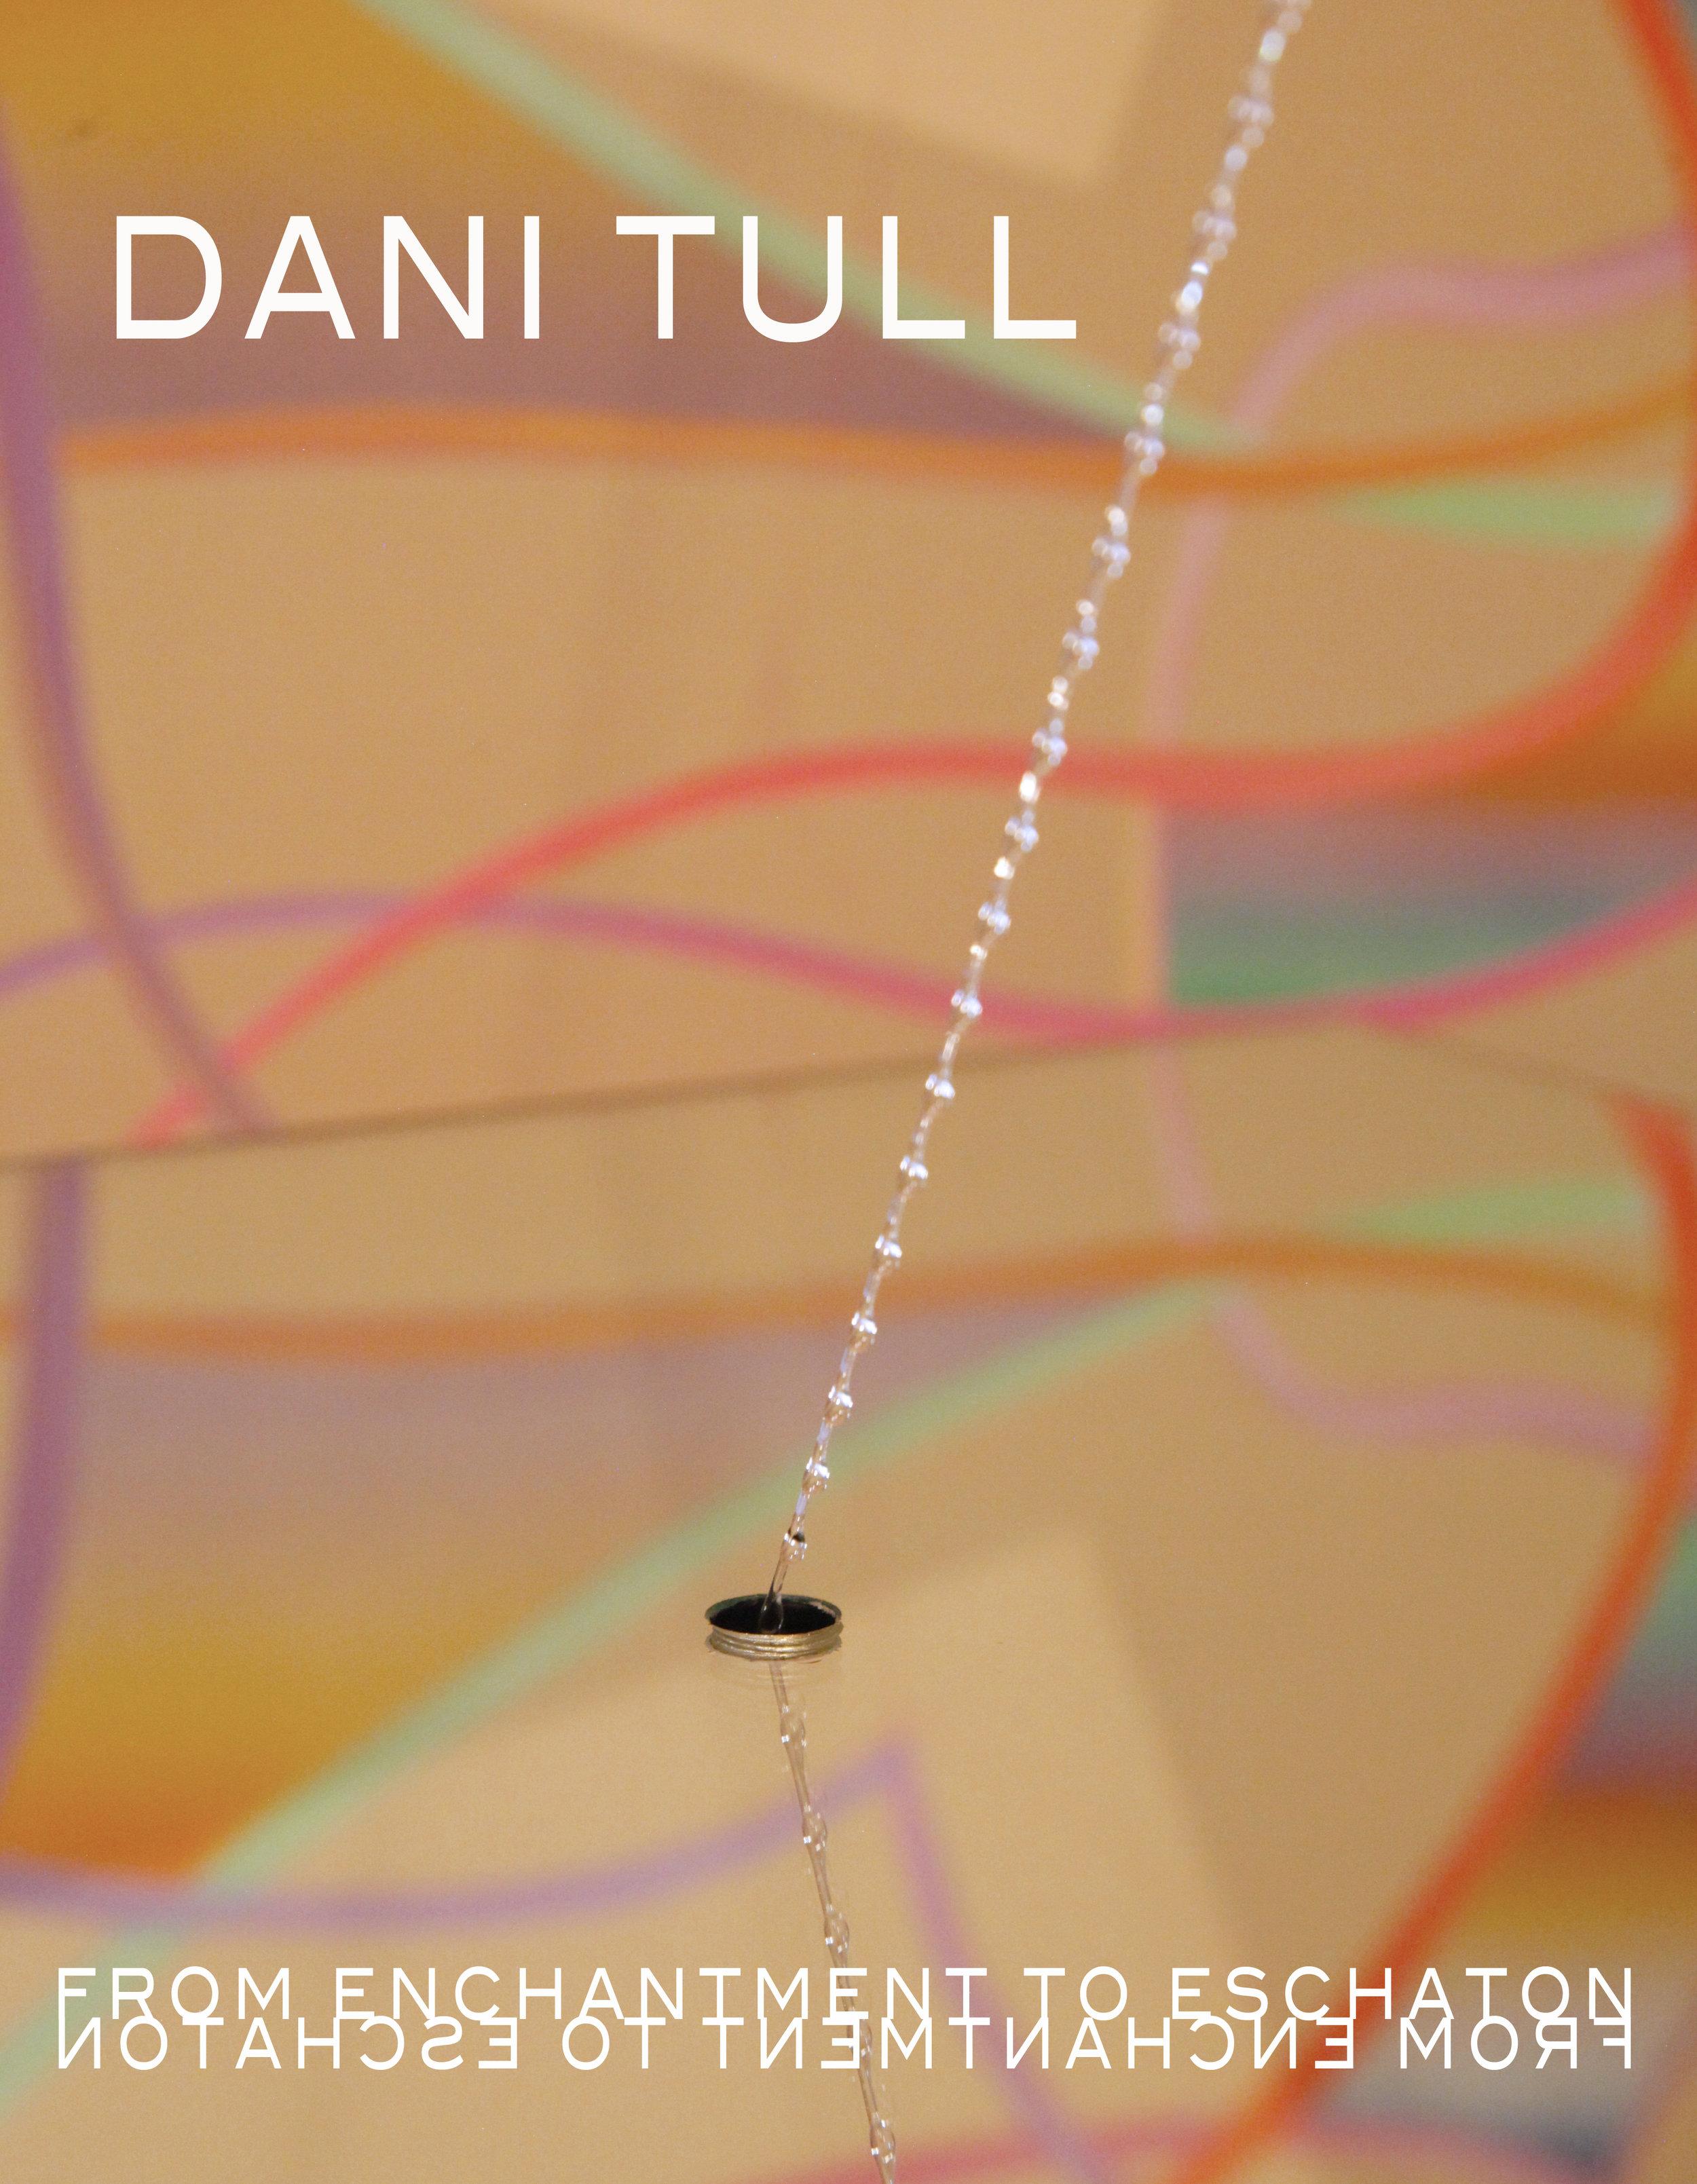 TULL_CARD_1.jpg